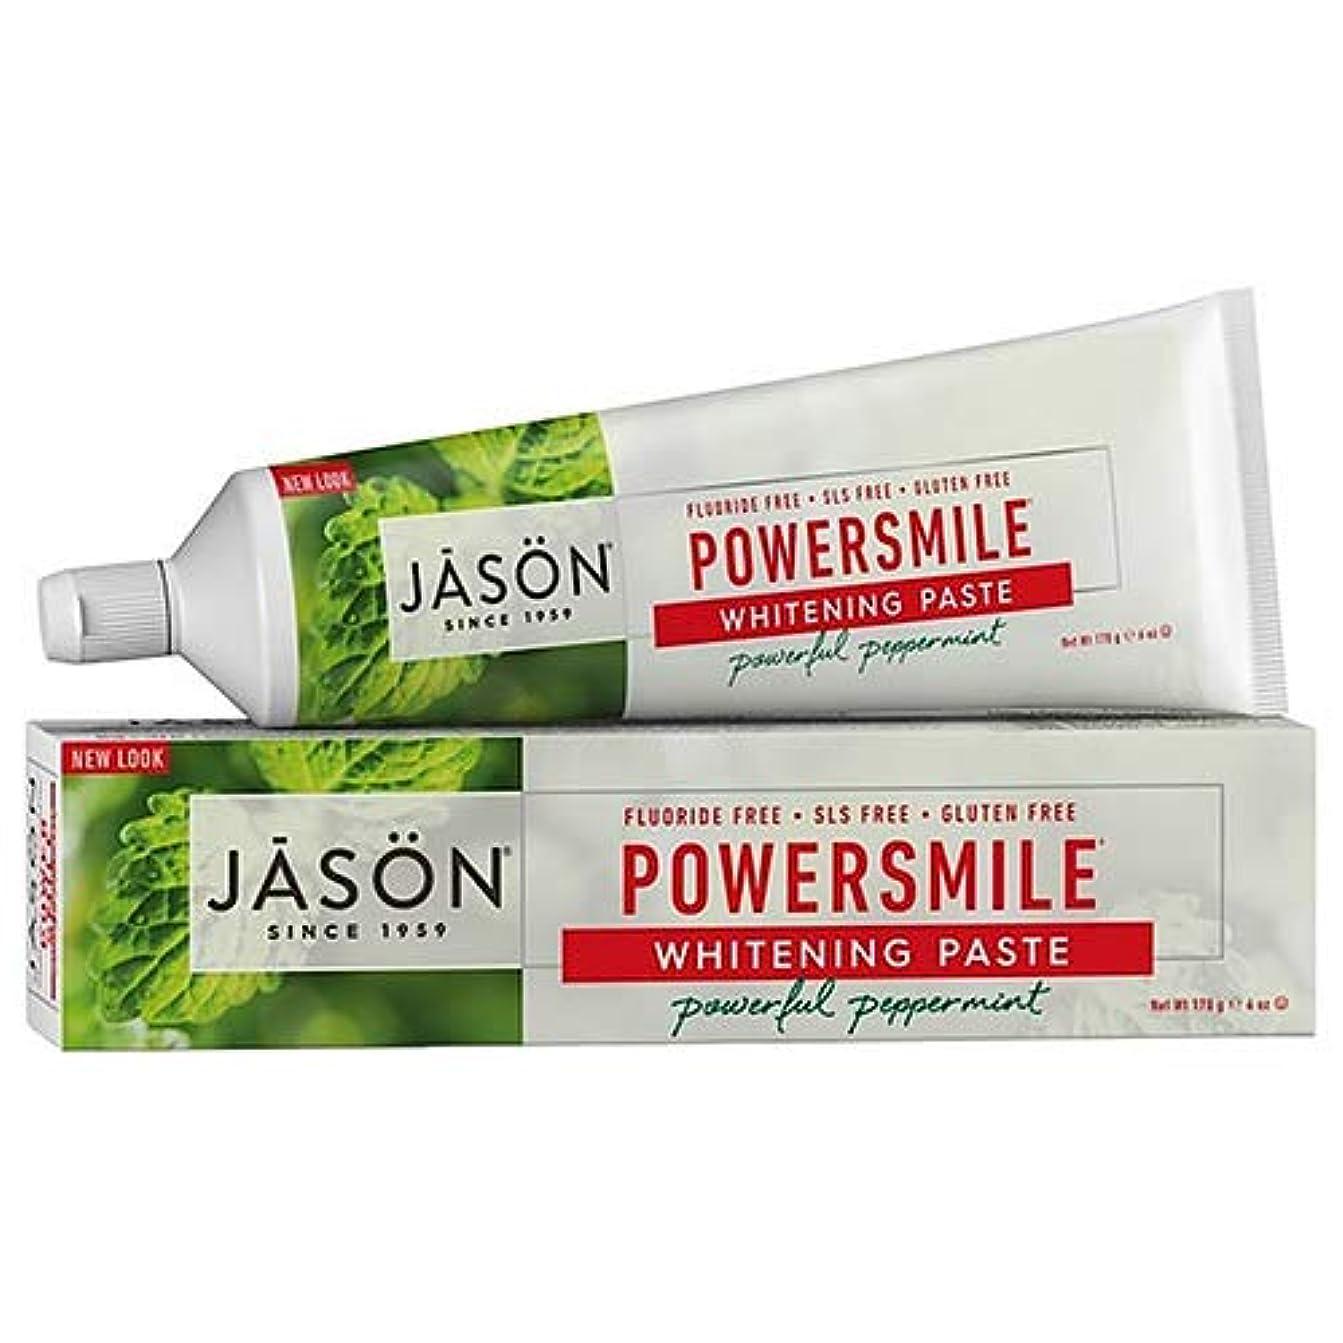 輸血カンガルークレーターJason Natural, PowerSmile, Antiplaque & Whitening Paste, Powerful Peppermint, 6 oz (170 g)